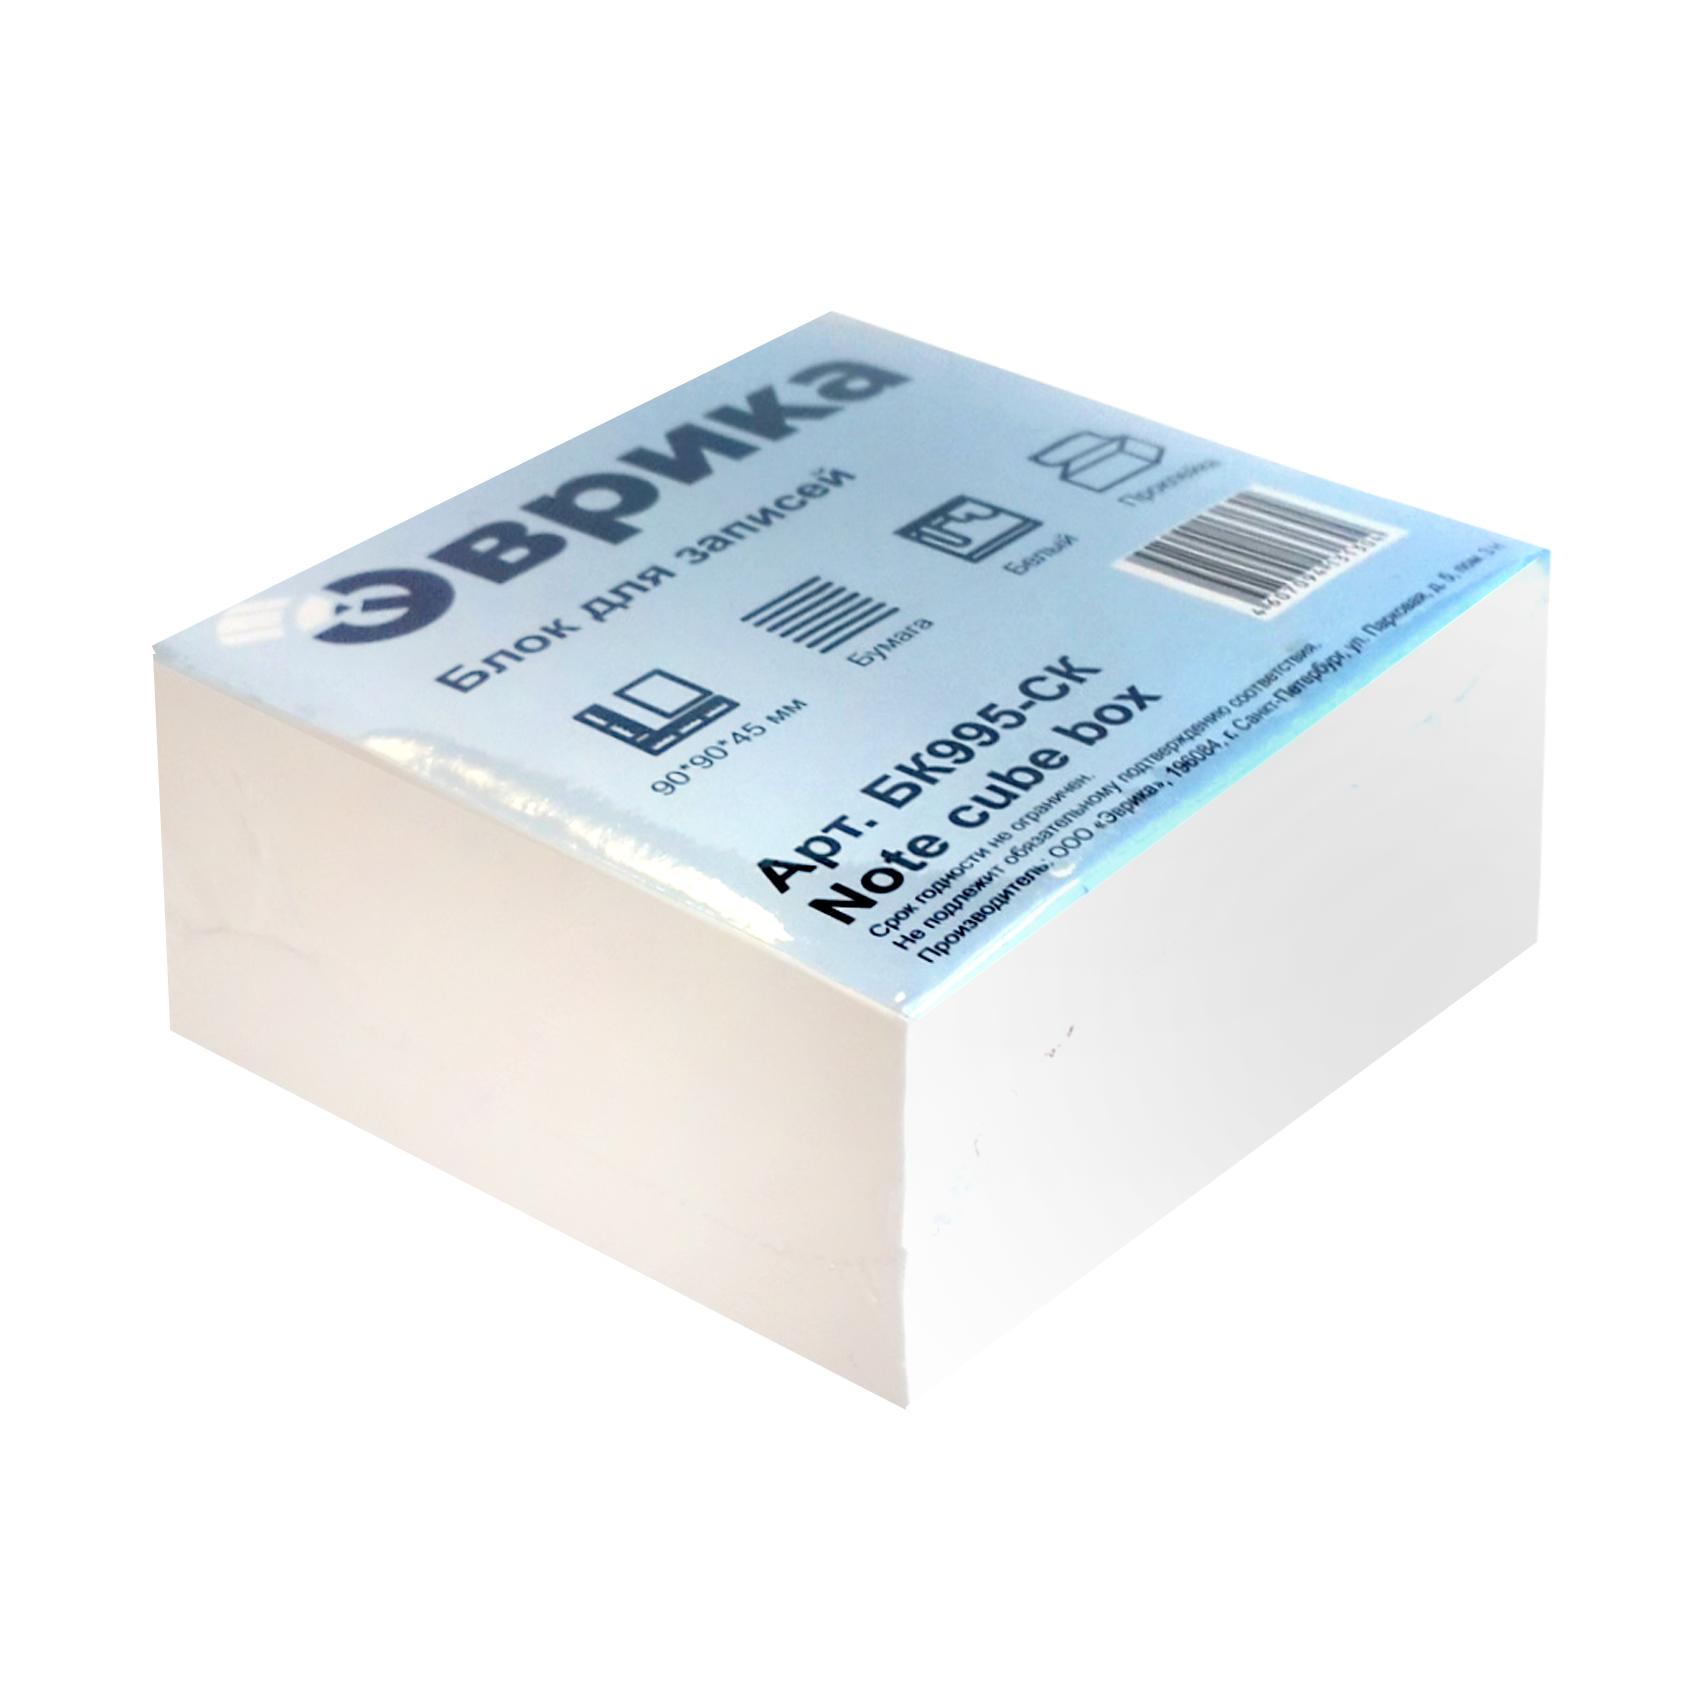 Блок бумаги для записей фото Блок бумаги для записей в коробке Бумага и изделия